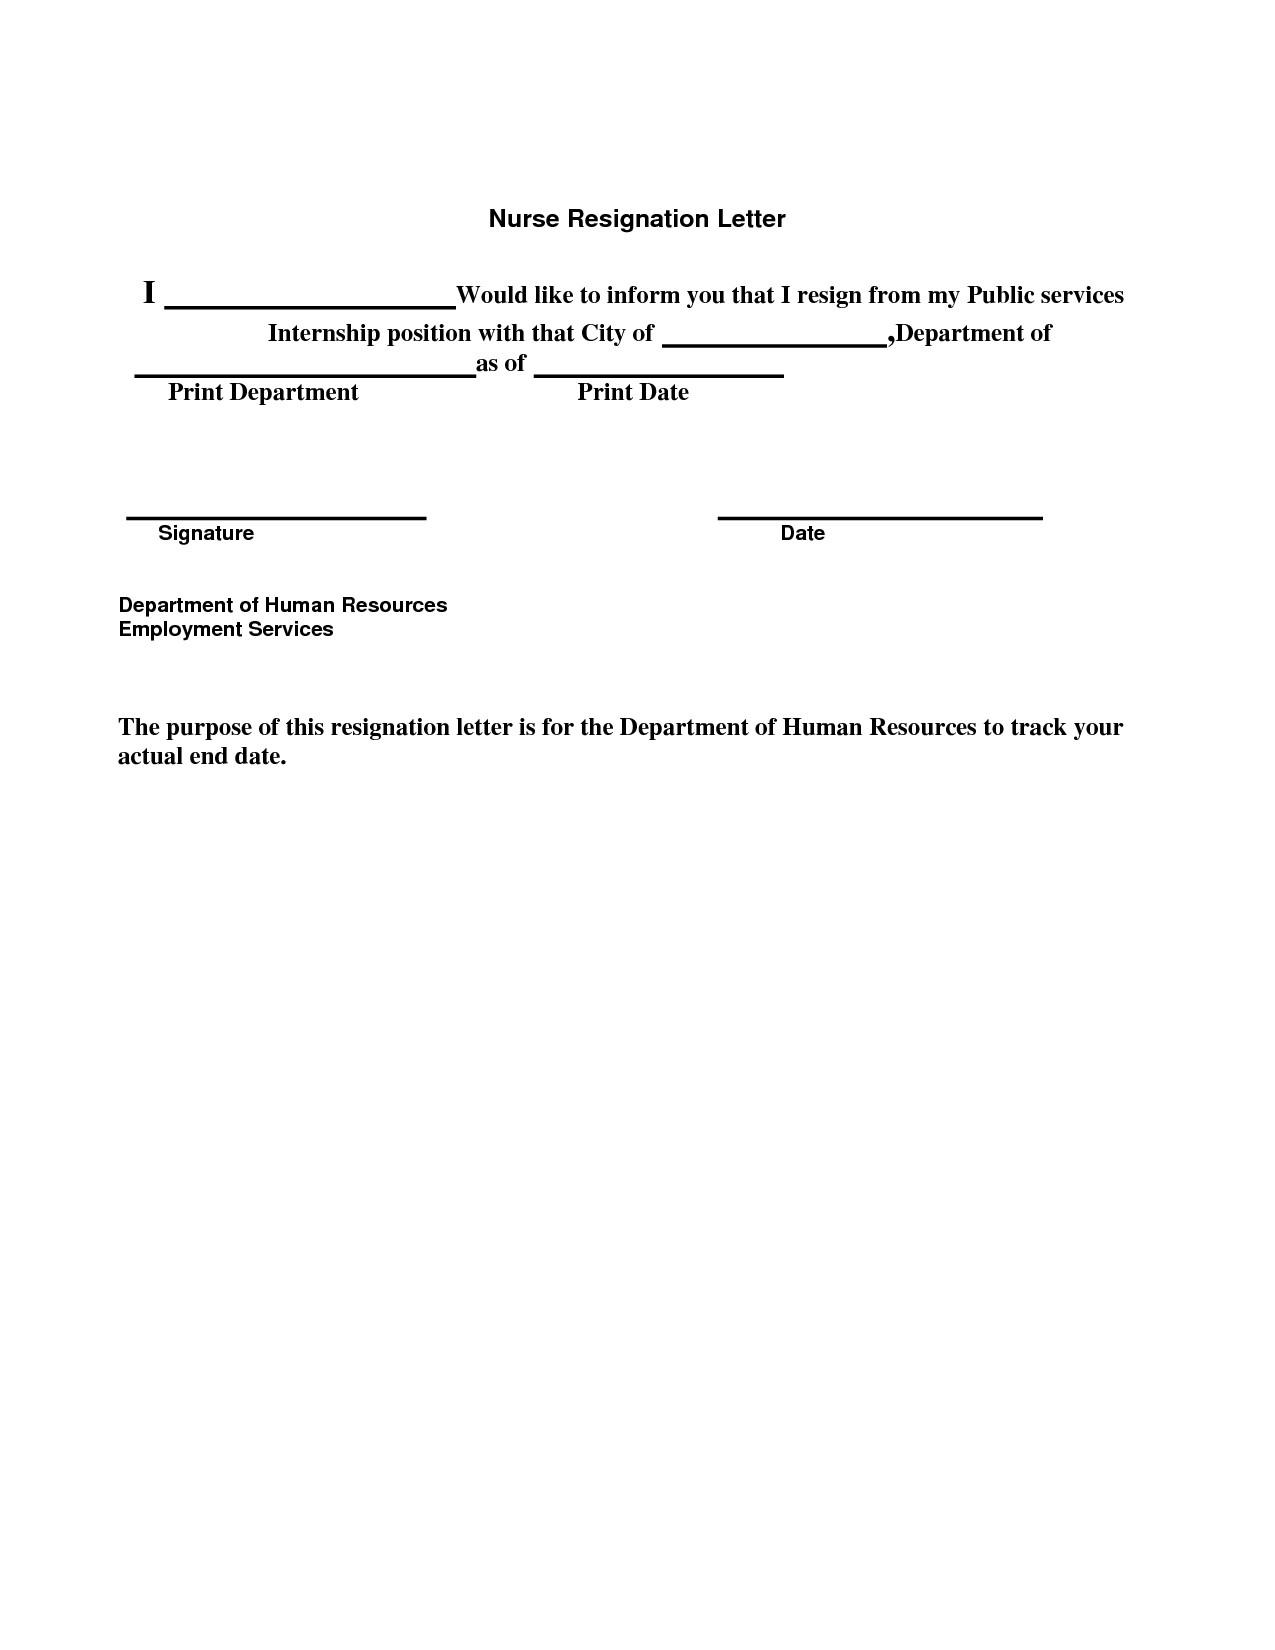 Letter Of Resignation Nursing Template - Nursing Job Resignation Letter Valid Resignation Letter Nurse Sample